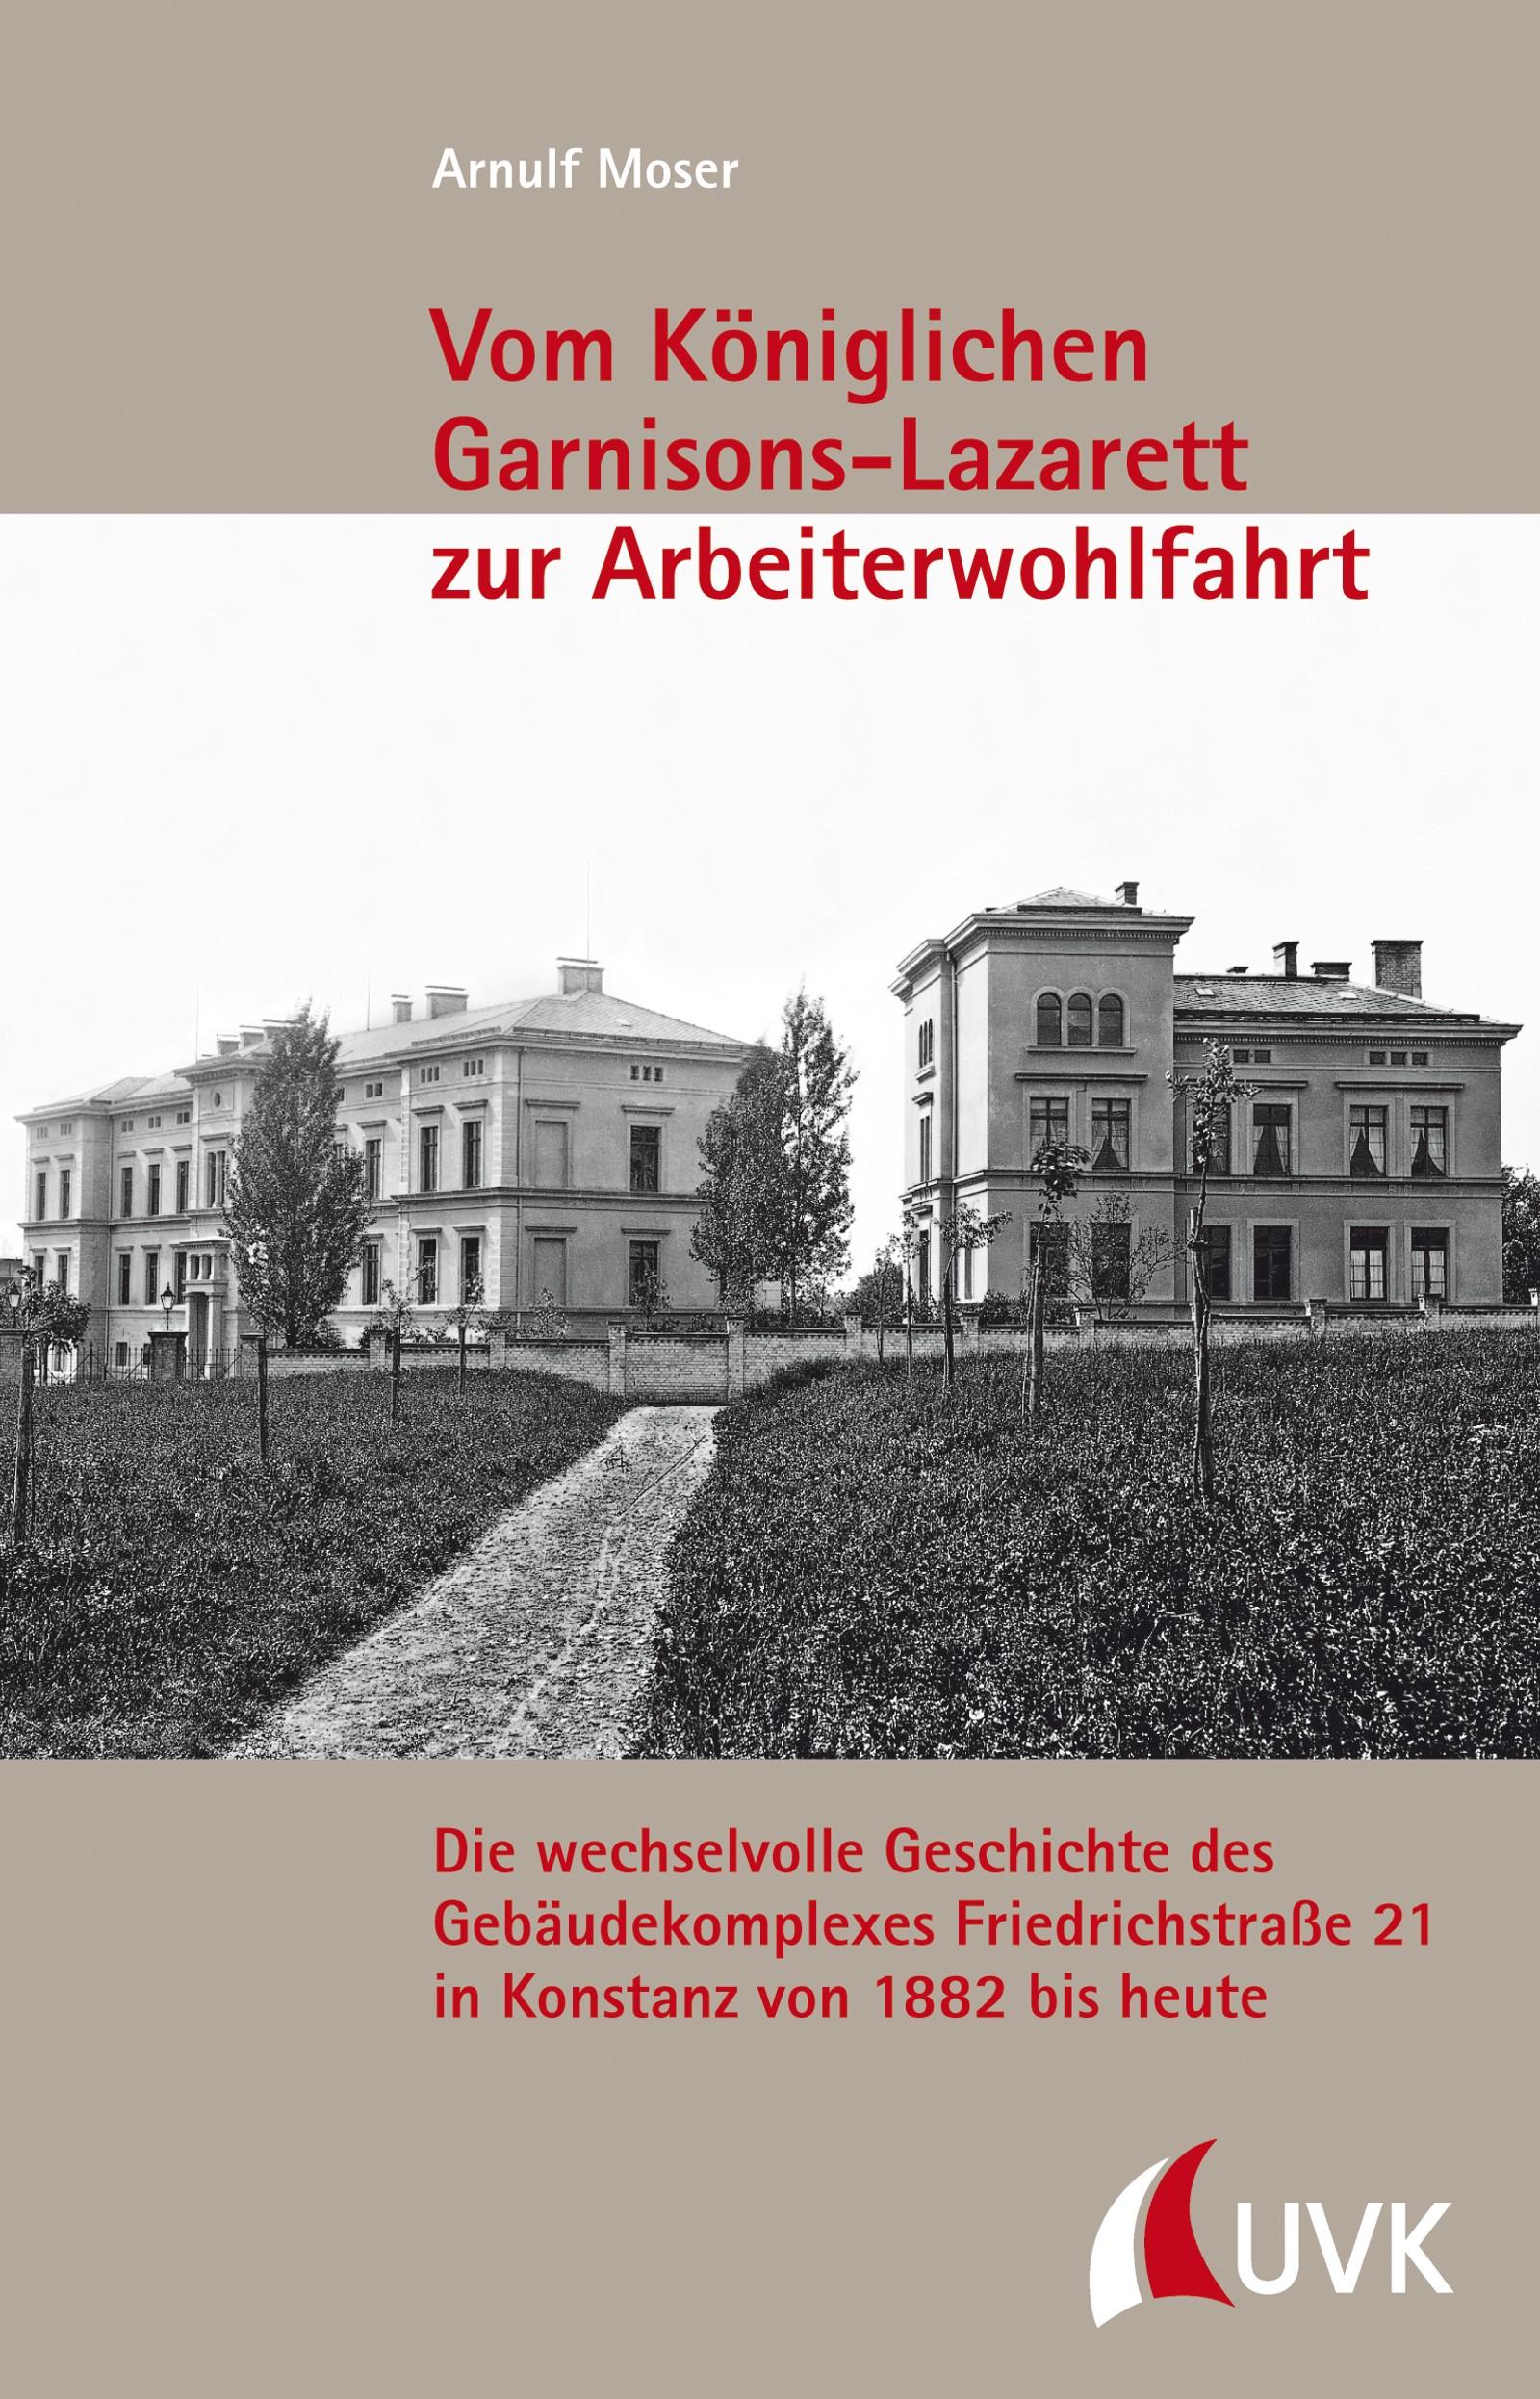 Vom Königlichen Garnisons-Lazarett zur Arbeiterwohlfahrt | Moser, 2013 | Buch (Cover)